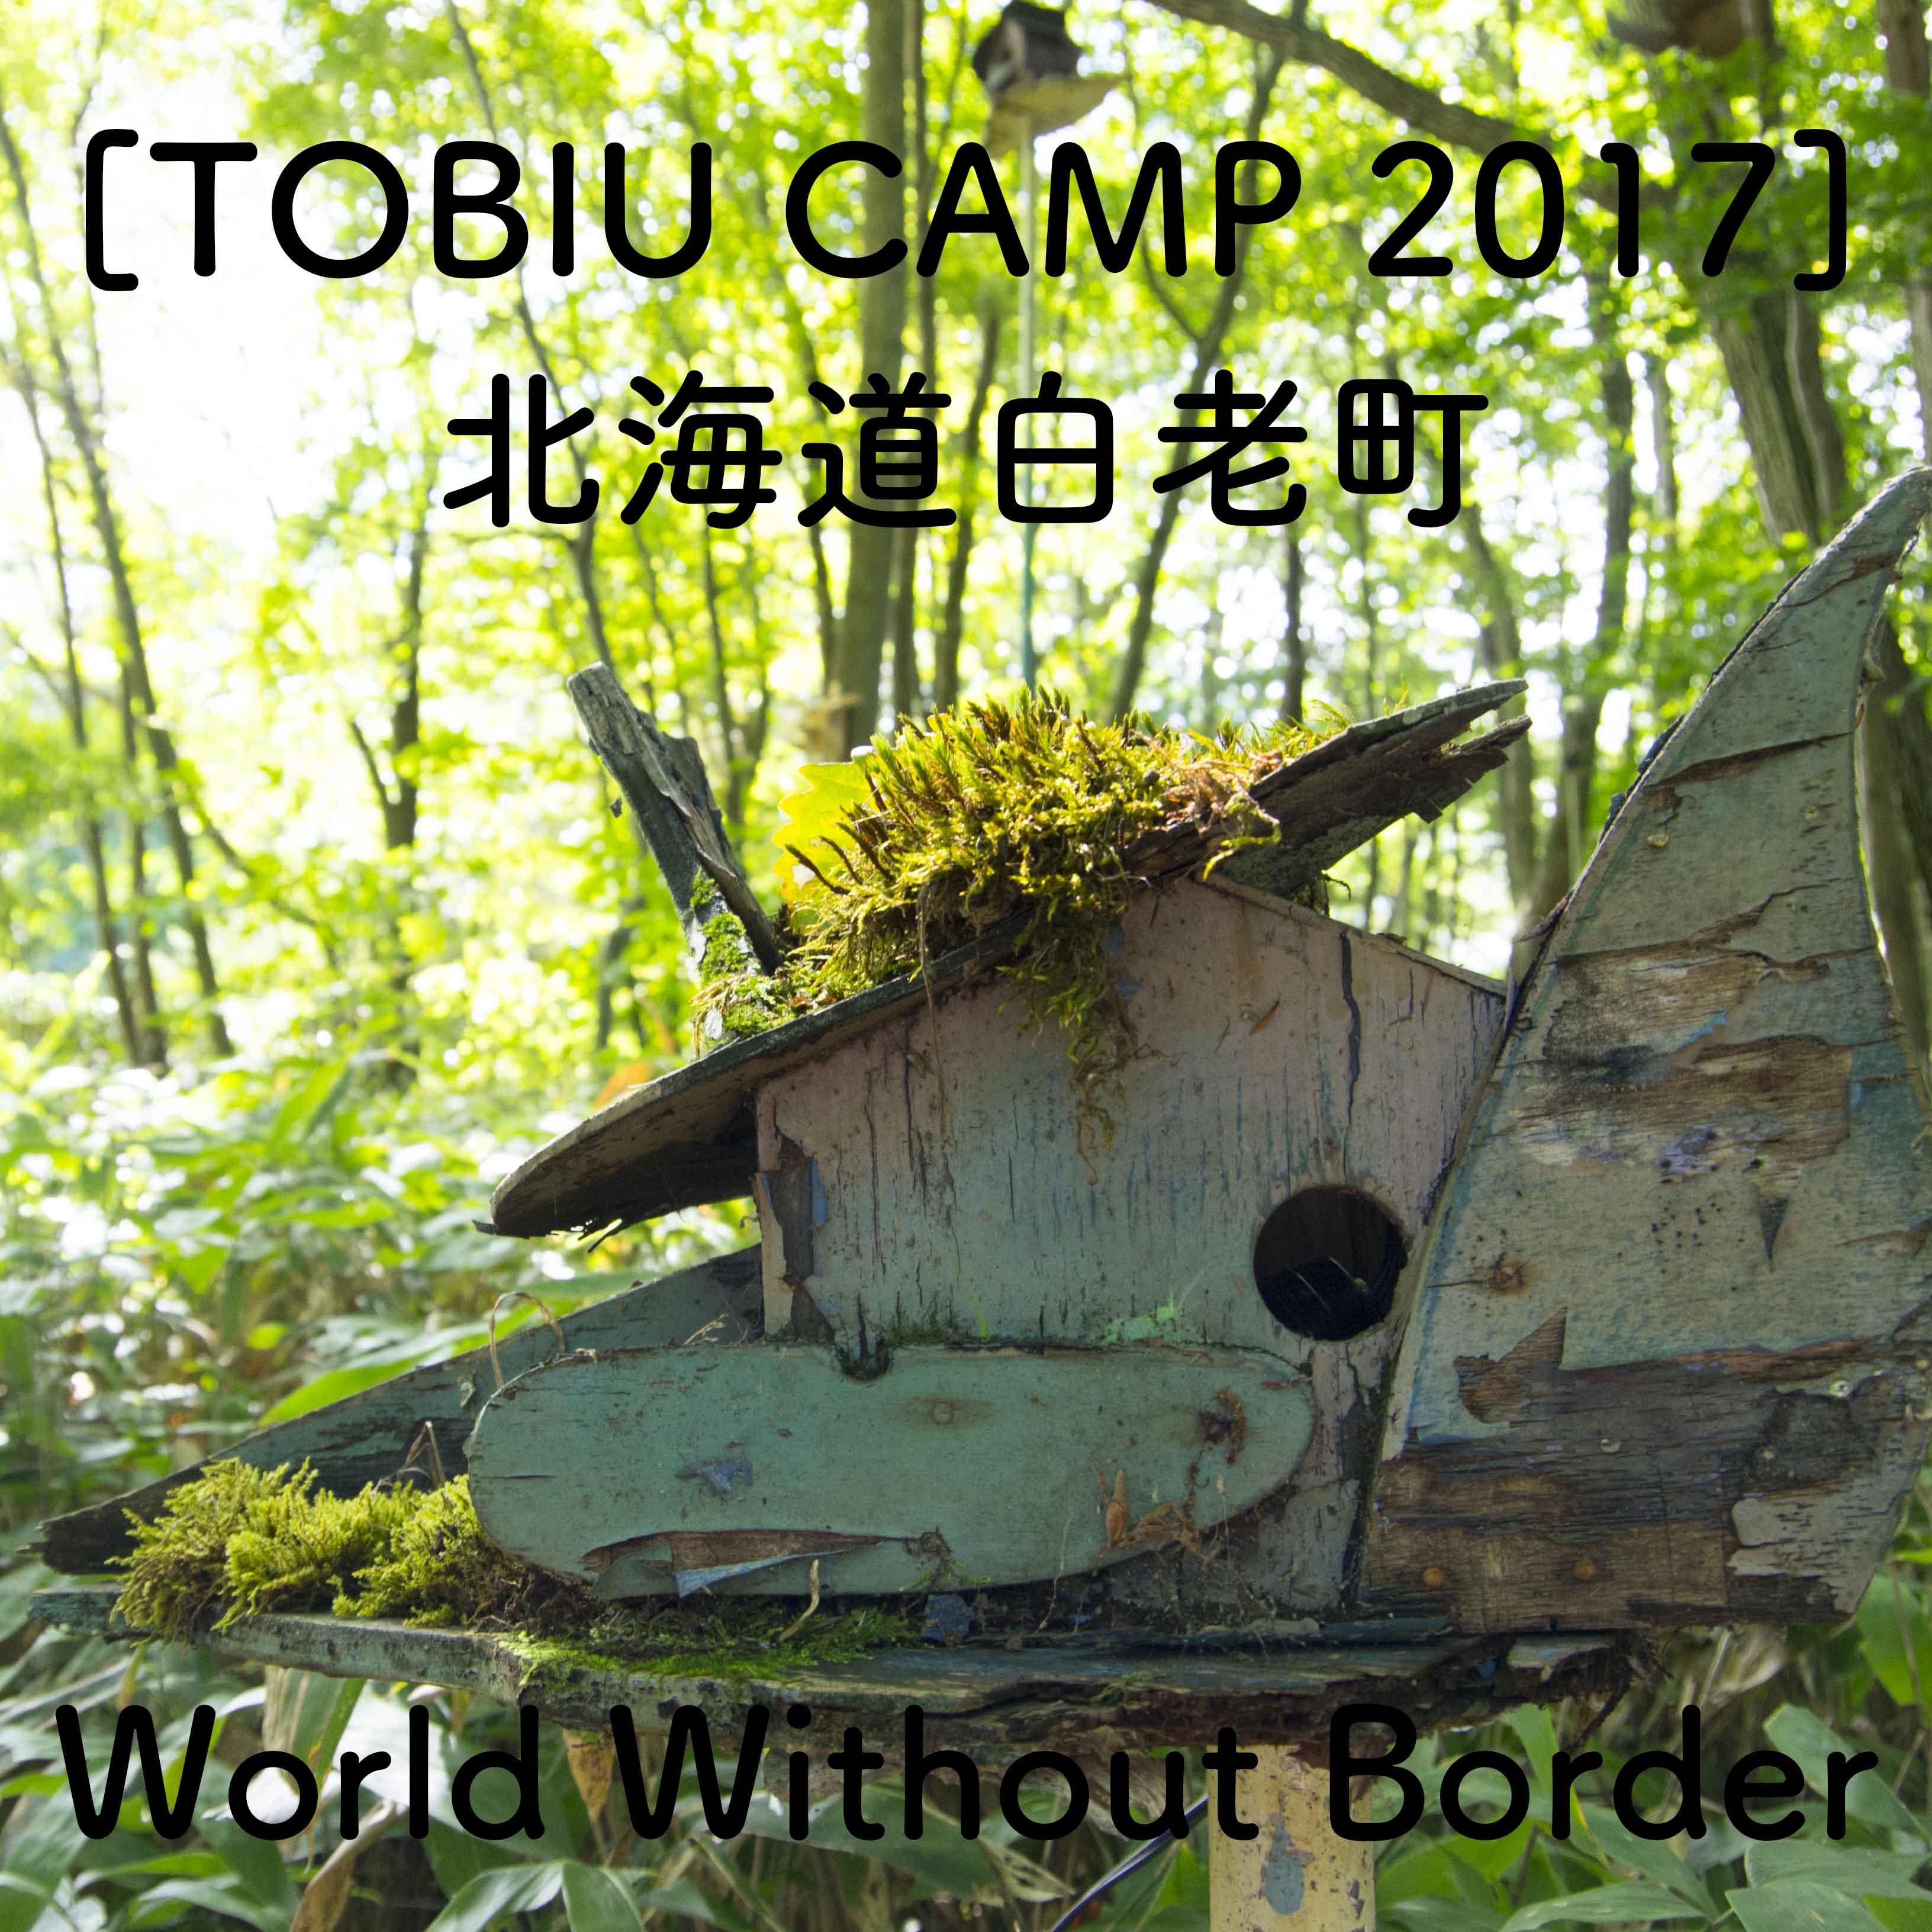 【北海道白老町飛生】TOBIU CAMP2017(トビウキャンプ)最新レポート